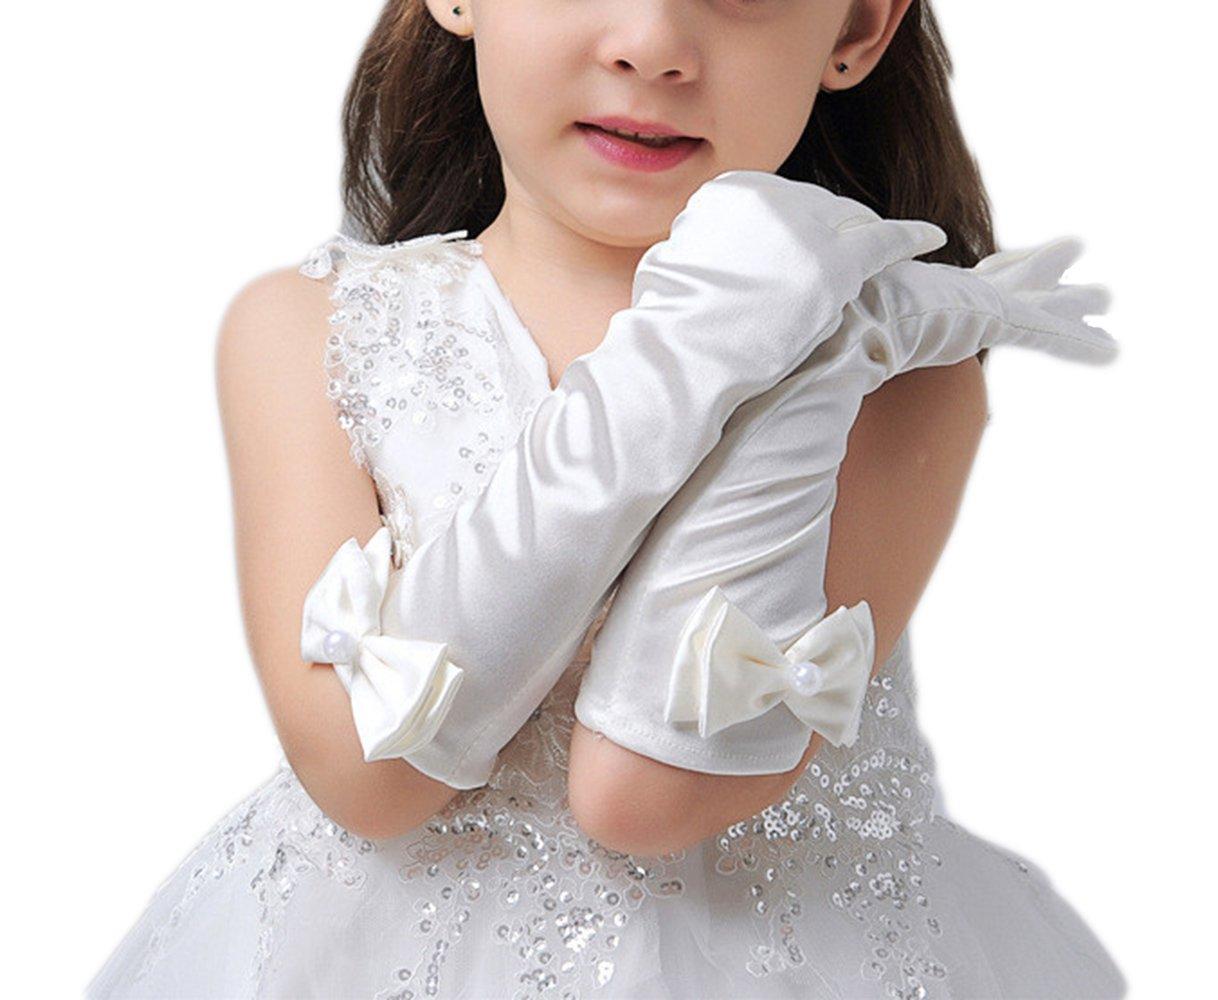 Simlehouse Flower Girl White Long Wedding Gloves Kids Dress Gloves 2018